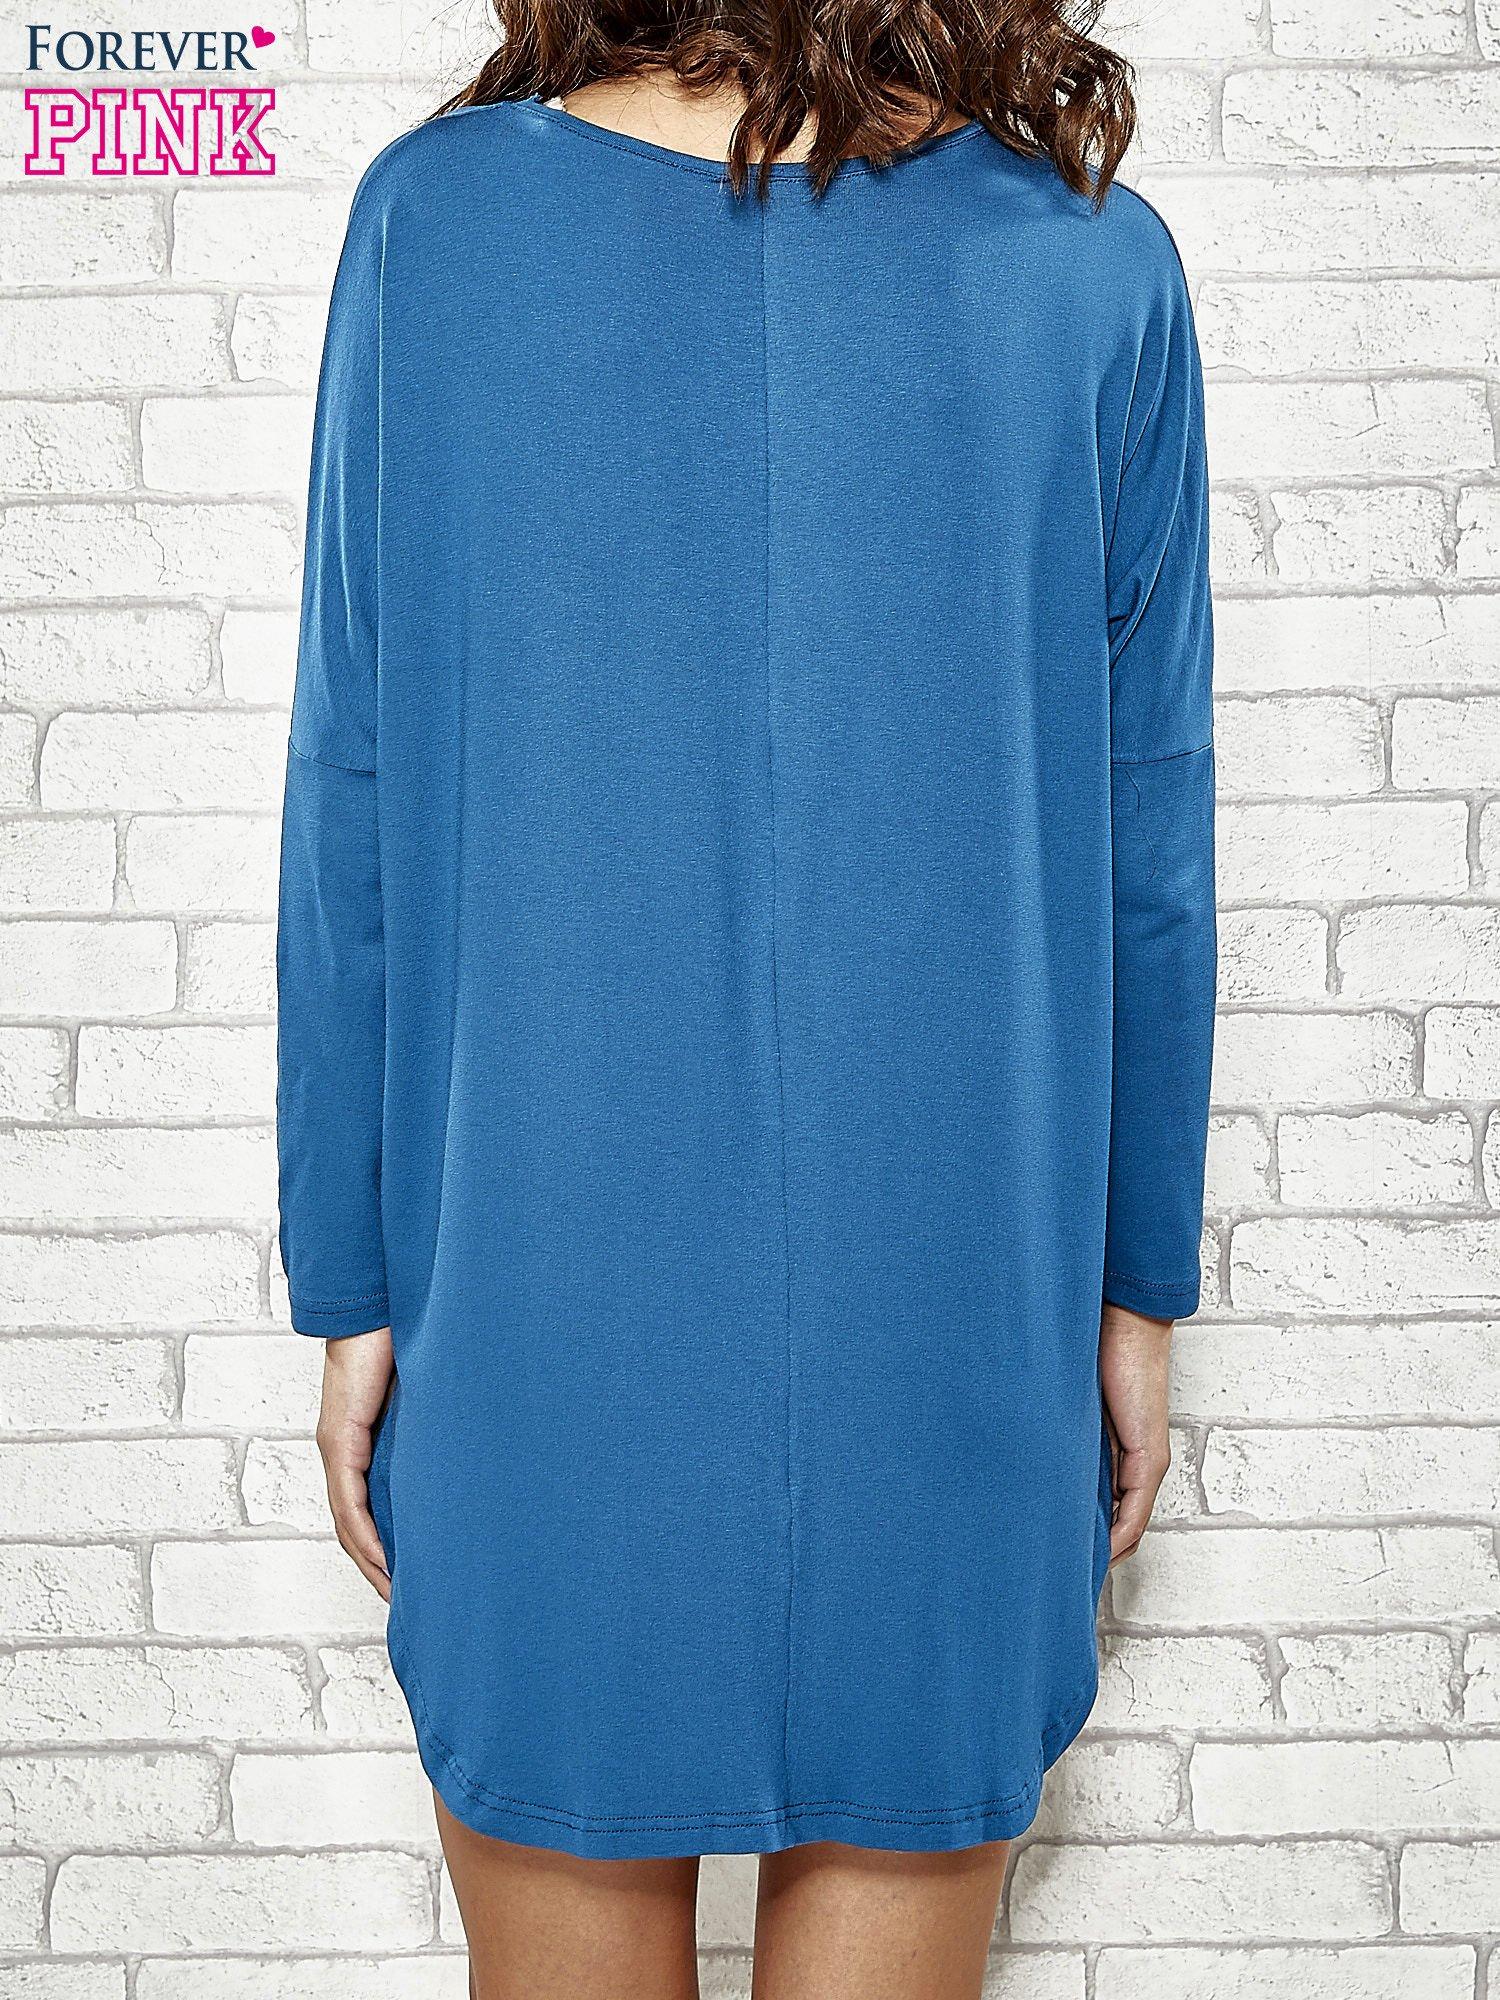 Ciemnoniebieska sukienka z rozporkami po bokach                                  zdj.                                  4